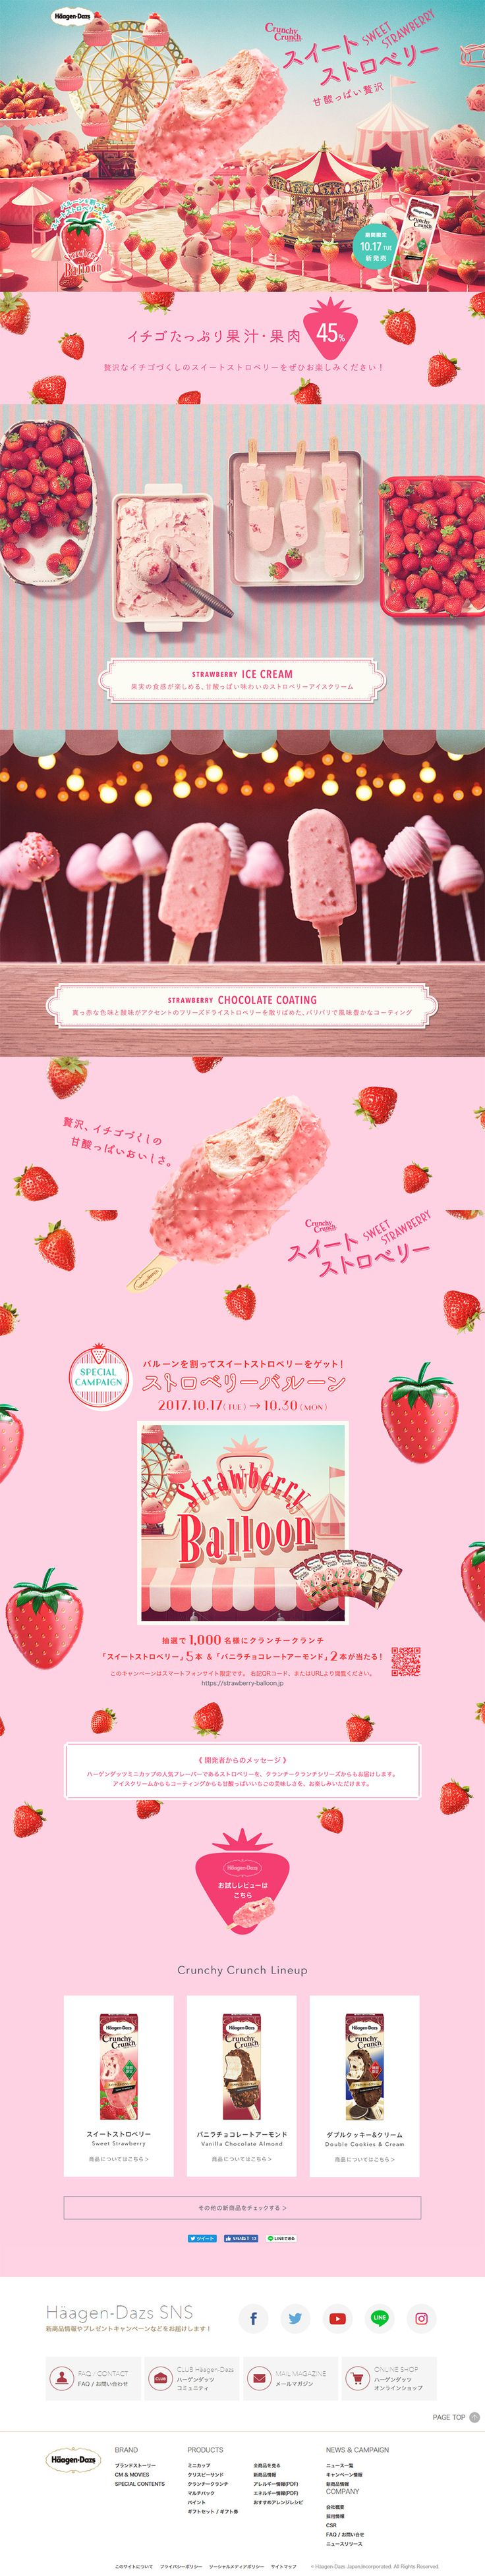 ハーゲンダッツ+ジャパン株式会社様の「スイートストロベリー」のランディングページ(LP)かわいい系|スイーツ・スナック菓子